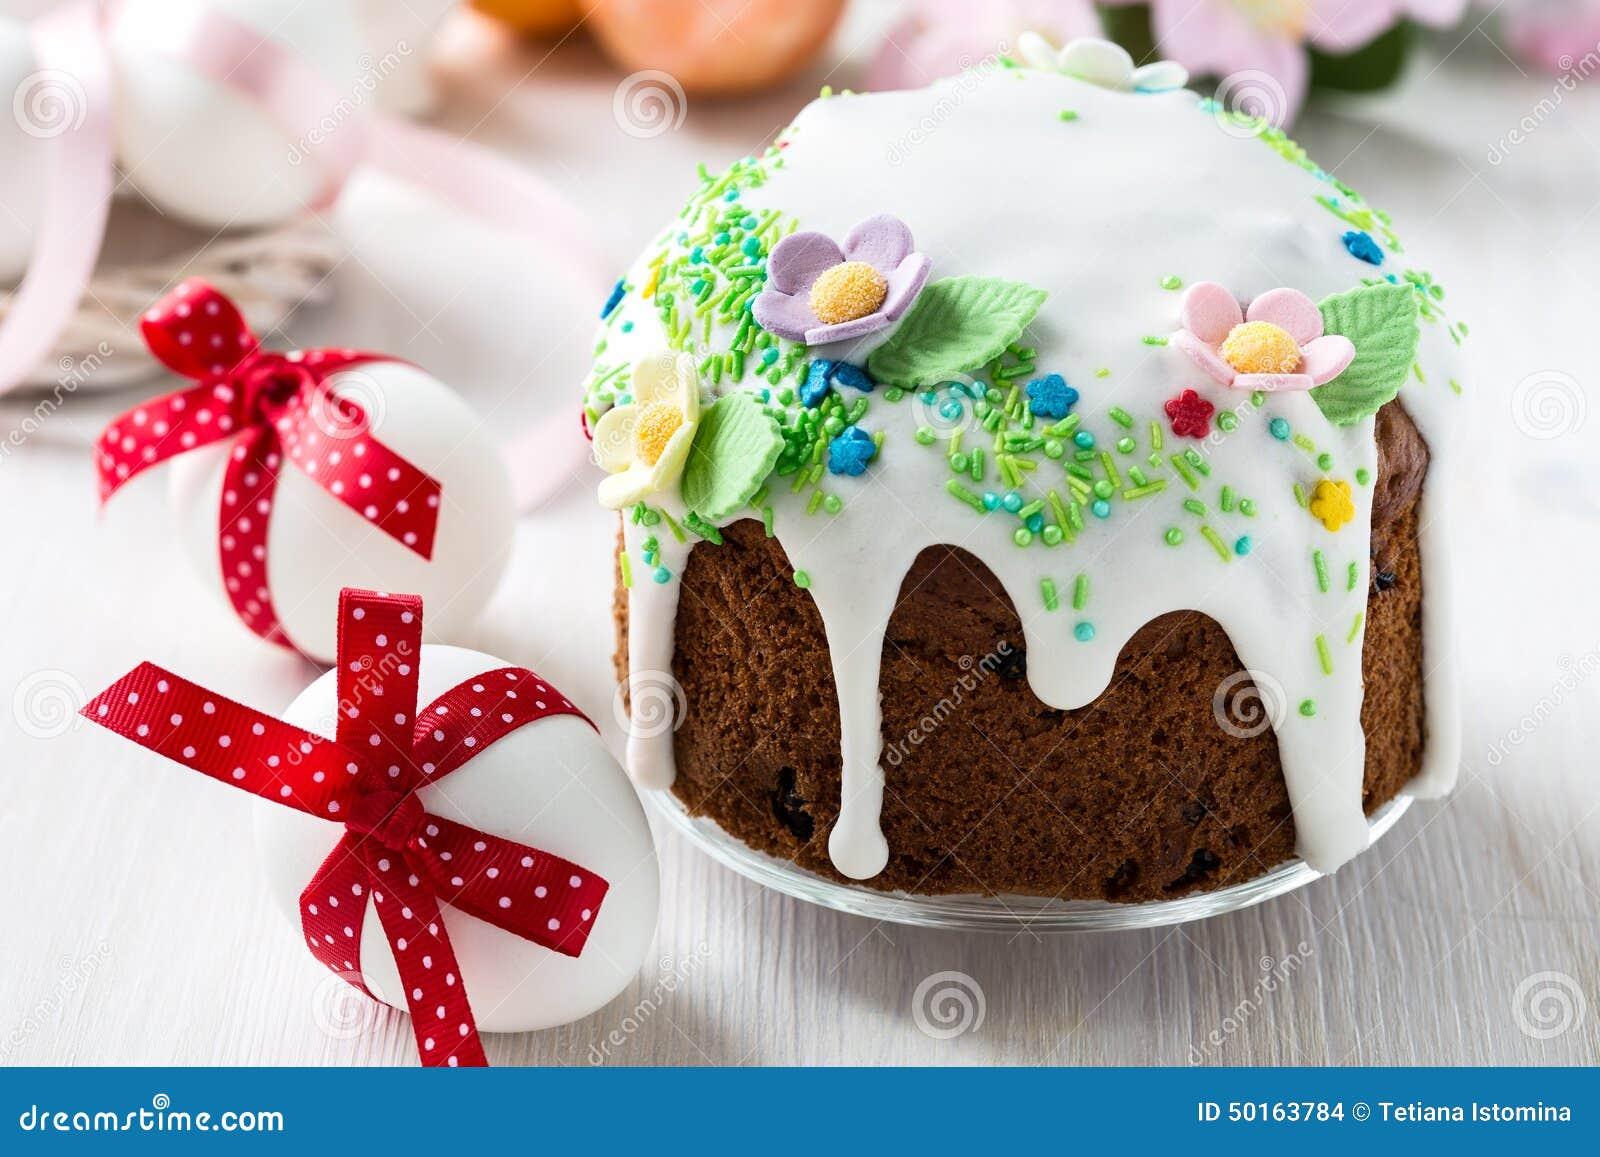 Ostern Kuchen Mit Glace Zuckerglasur Und Dekoration Stockfoto Bild